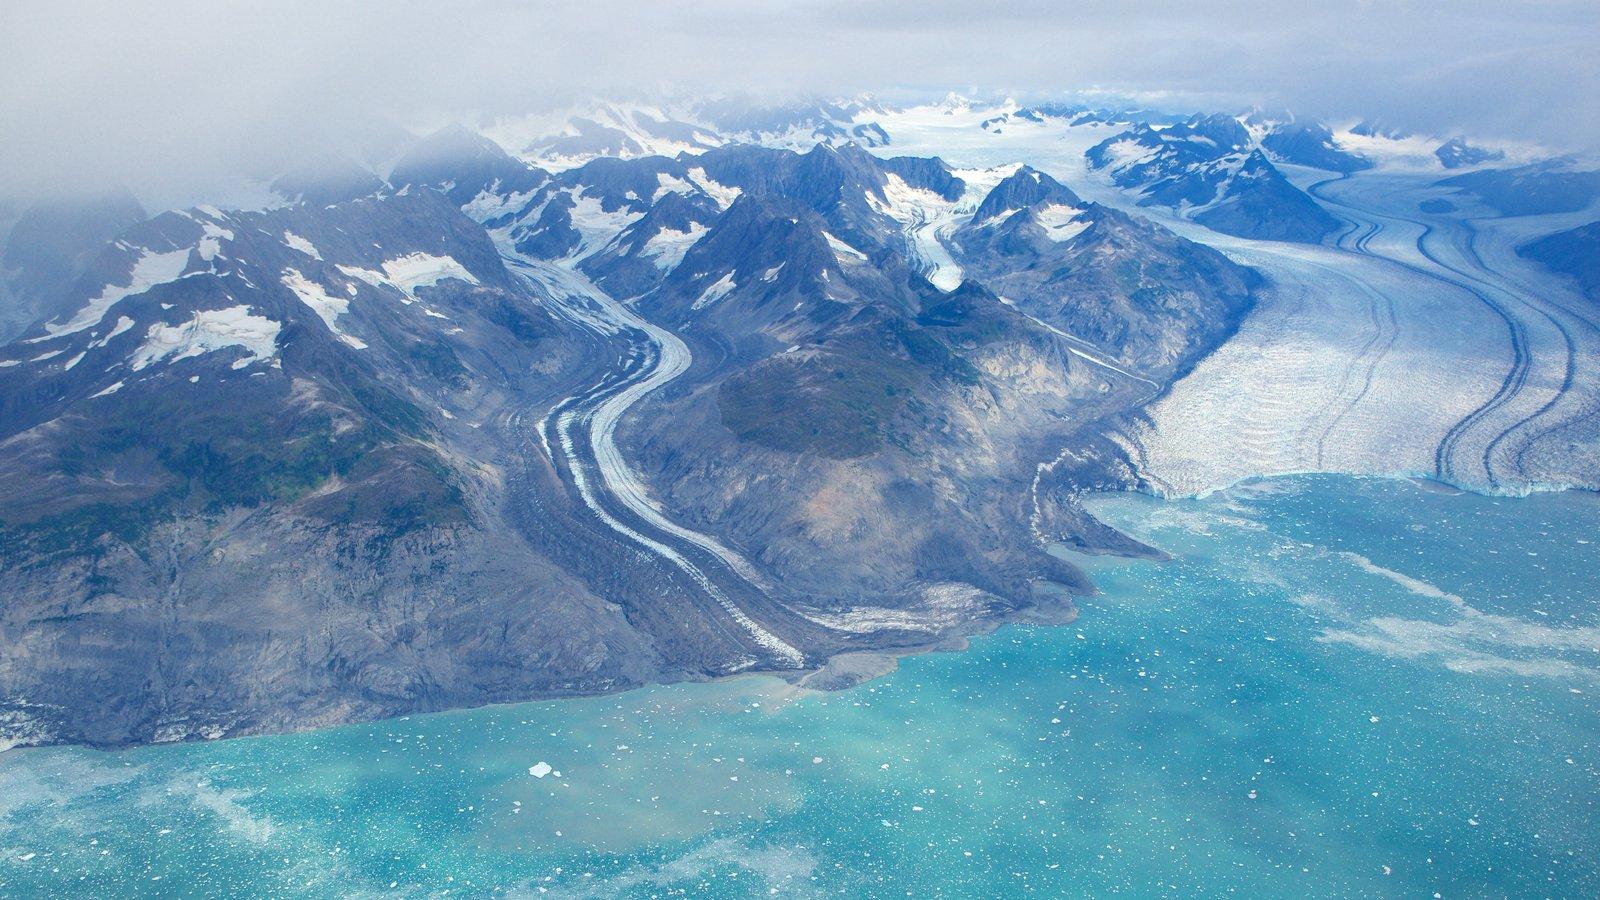 Parque estatal Chugach mostrando vistas generales de la costa y nieve